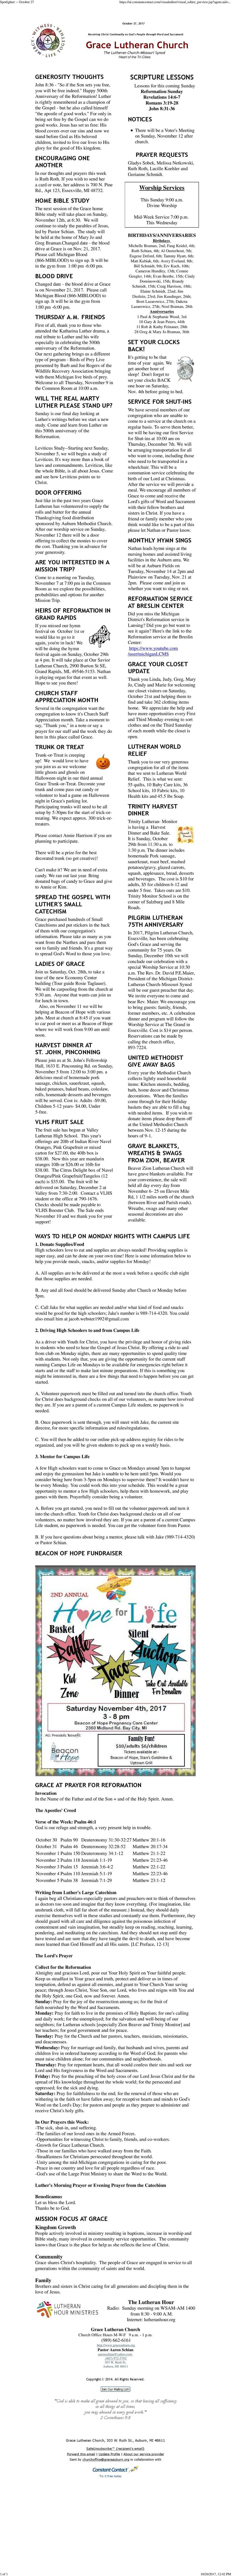 Spotlighter -- October 27-page-001.jpg